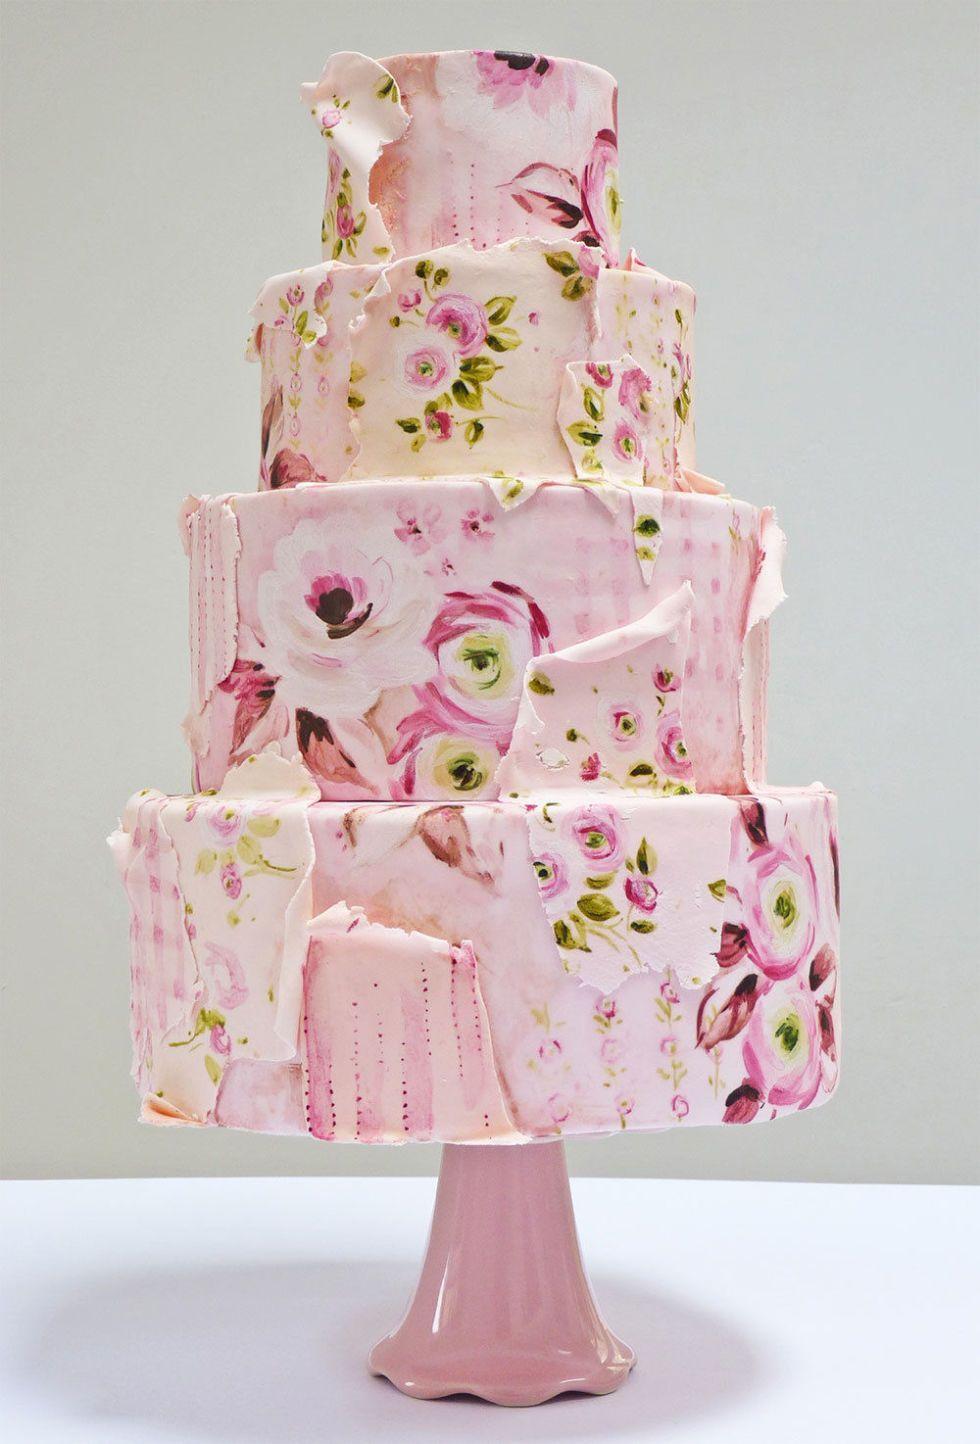 Nevie-Pie cakes | Cake | Pinterest | Pie cake, Pies and Cake